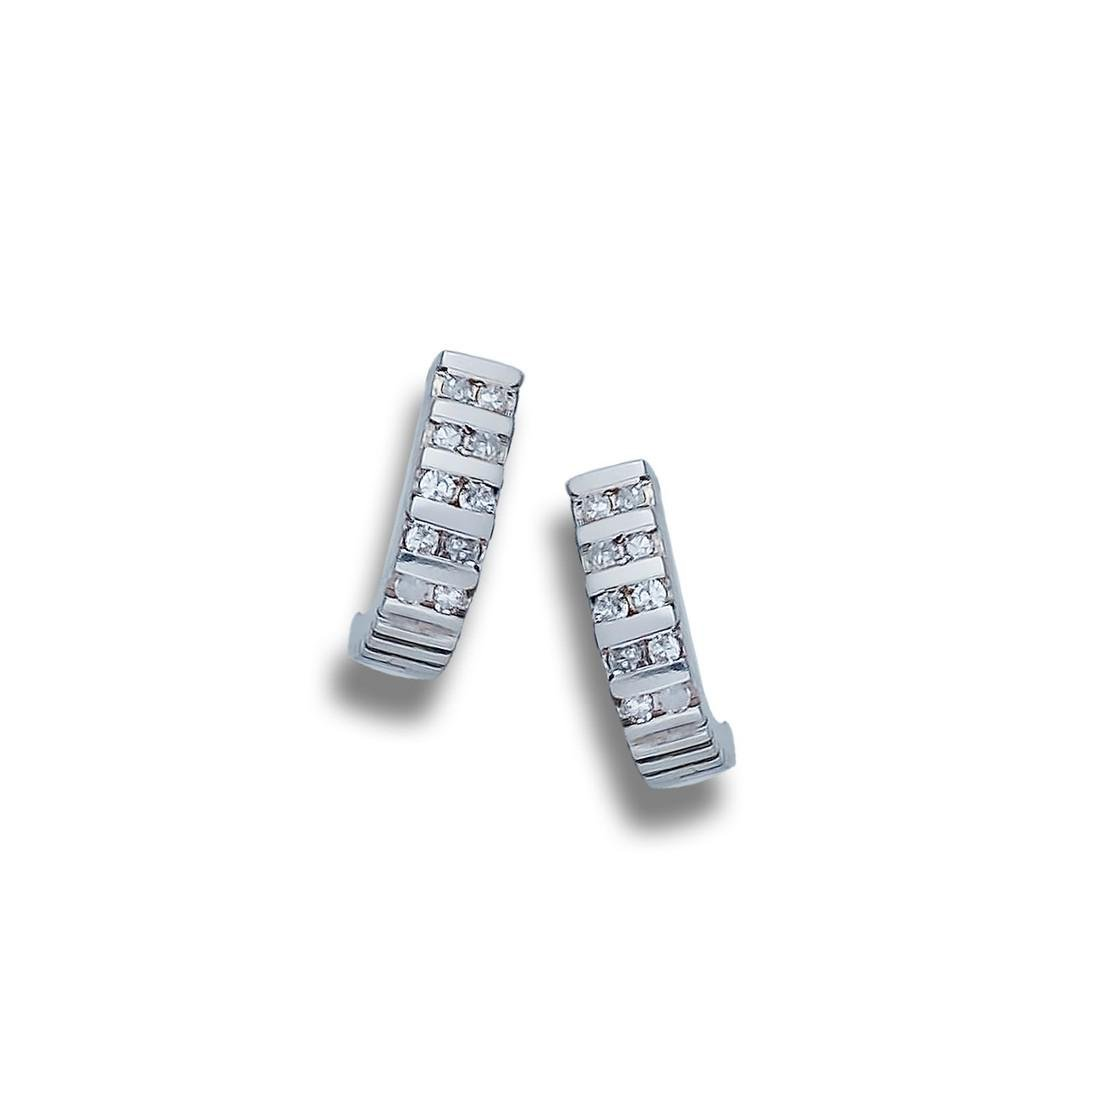 Five-Row, Channel 1/4 CT. Diamond Earrings, 14 Karat